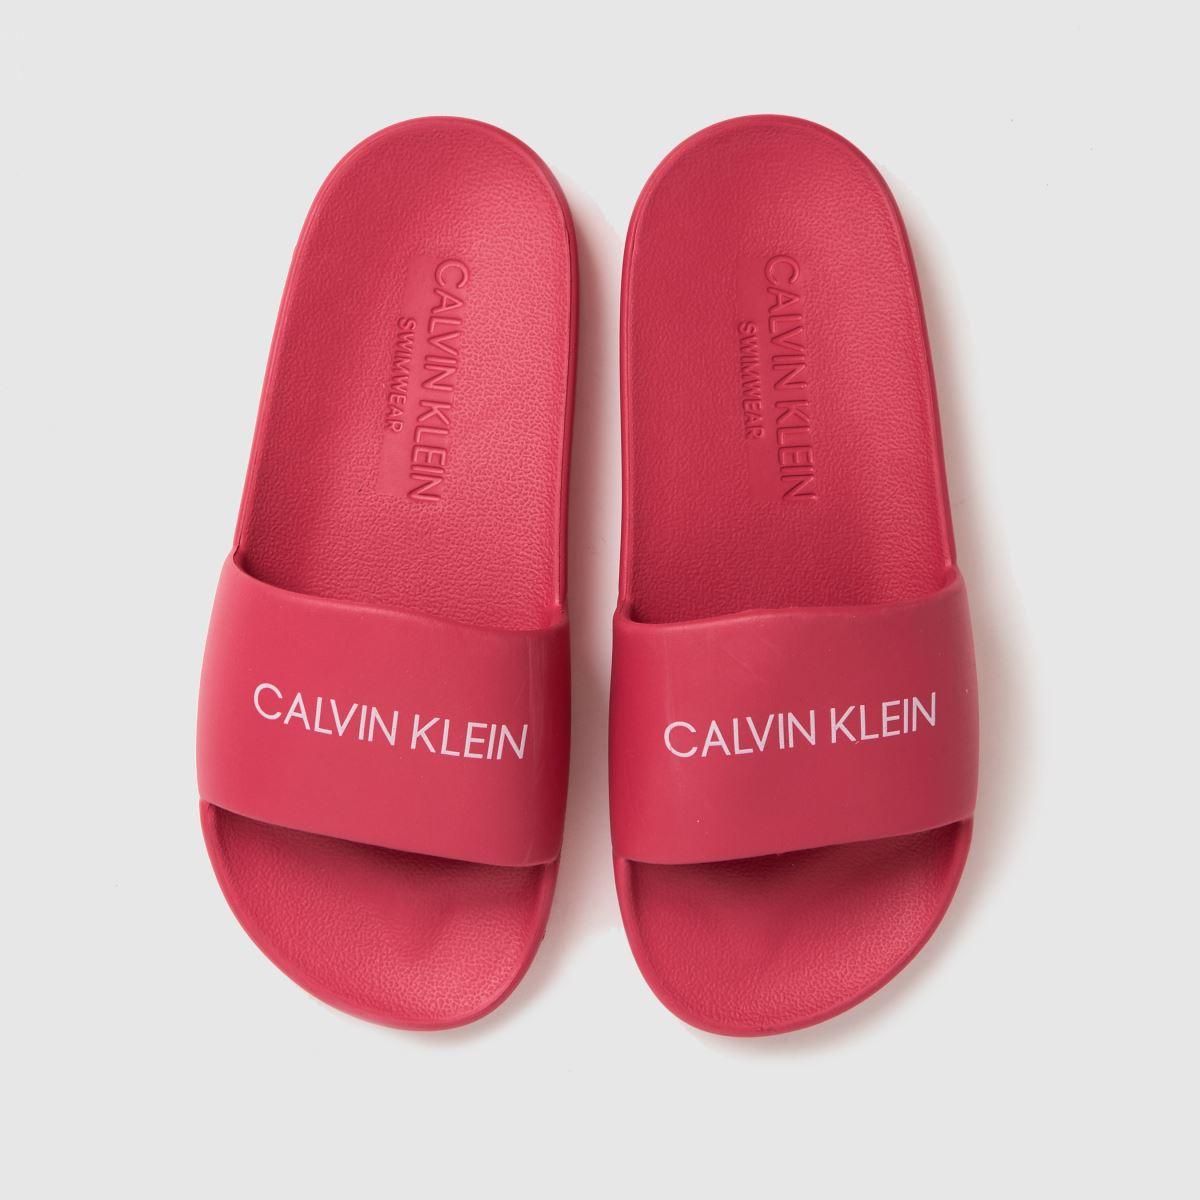 CALVIN KLEIN Pink Slides Trainers Junior